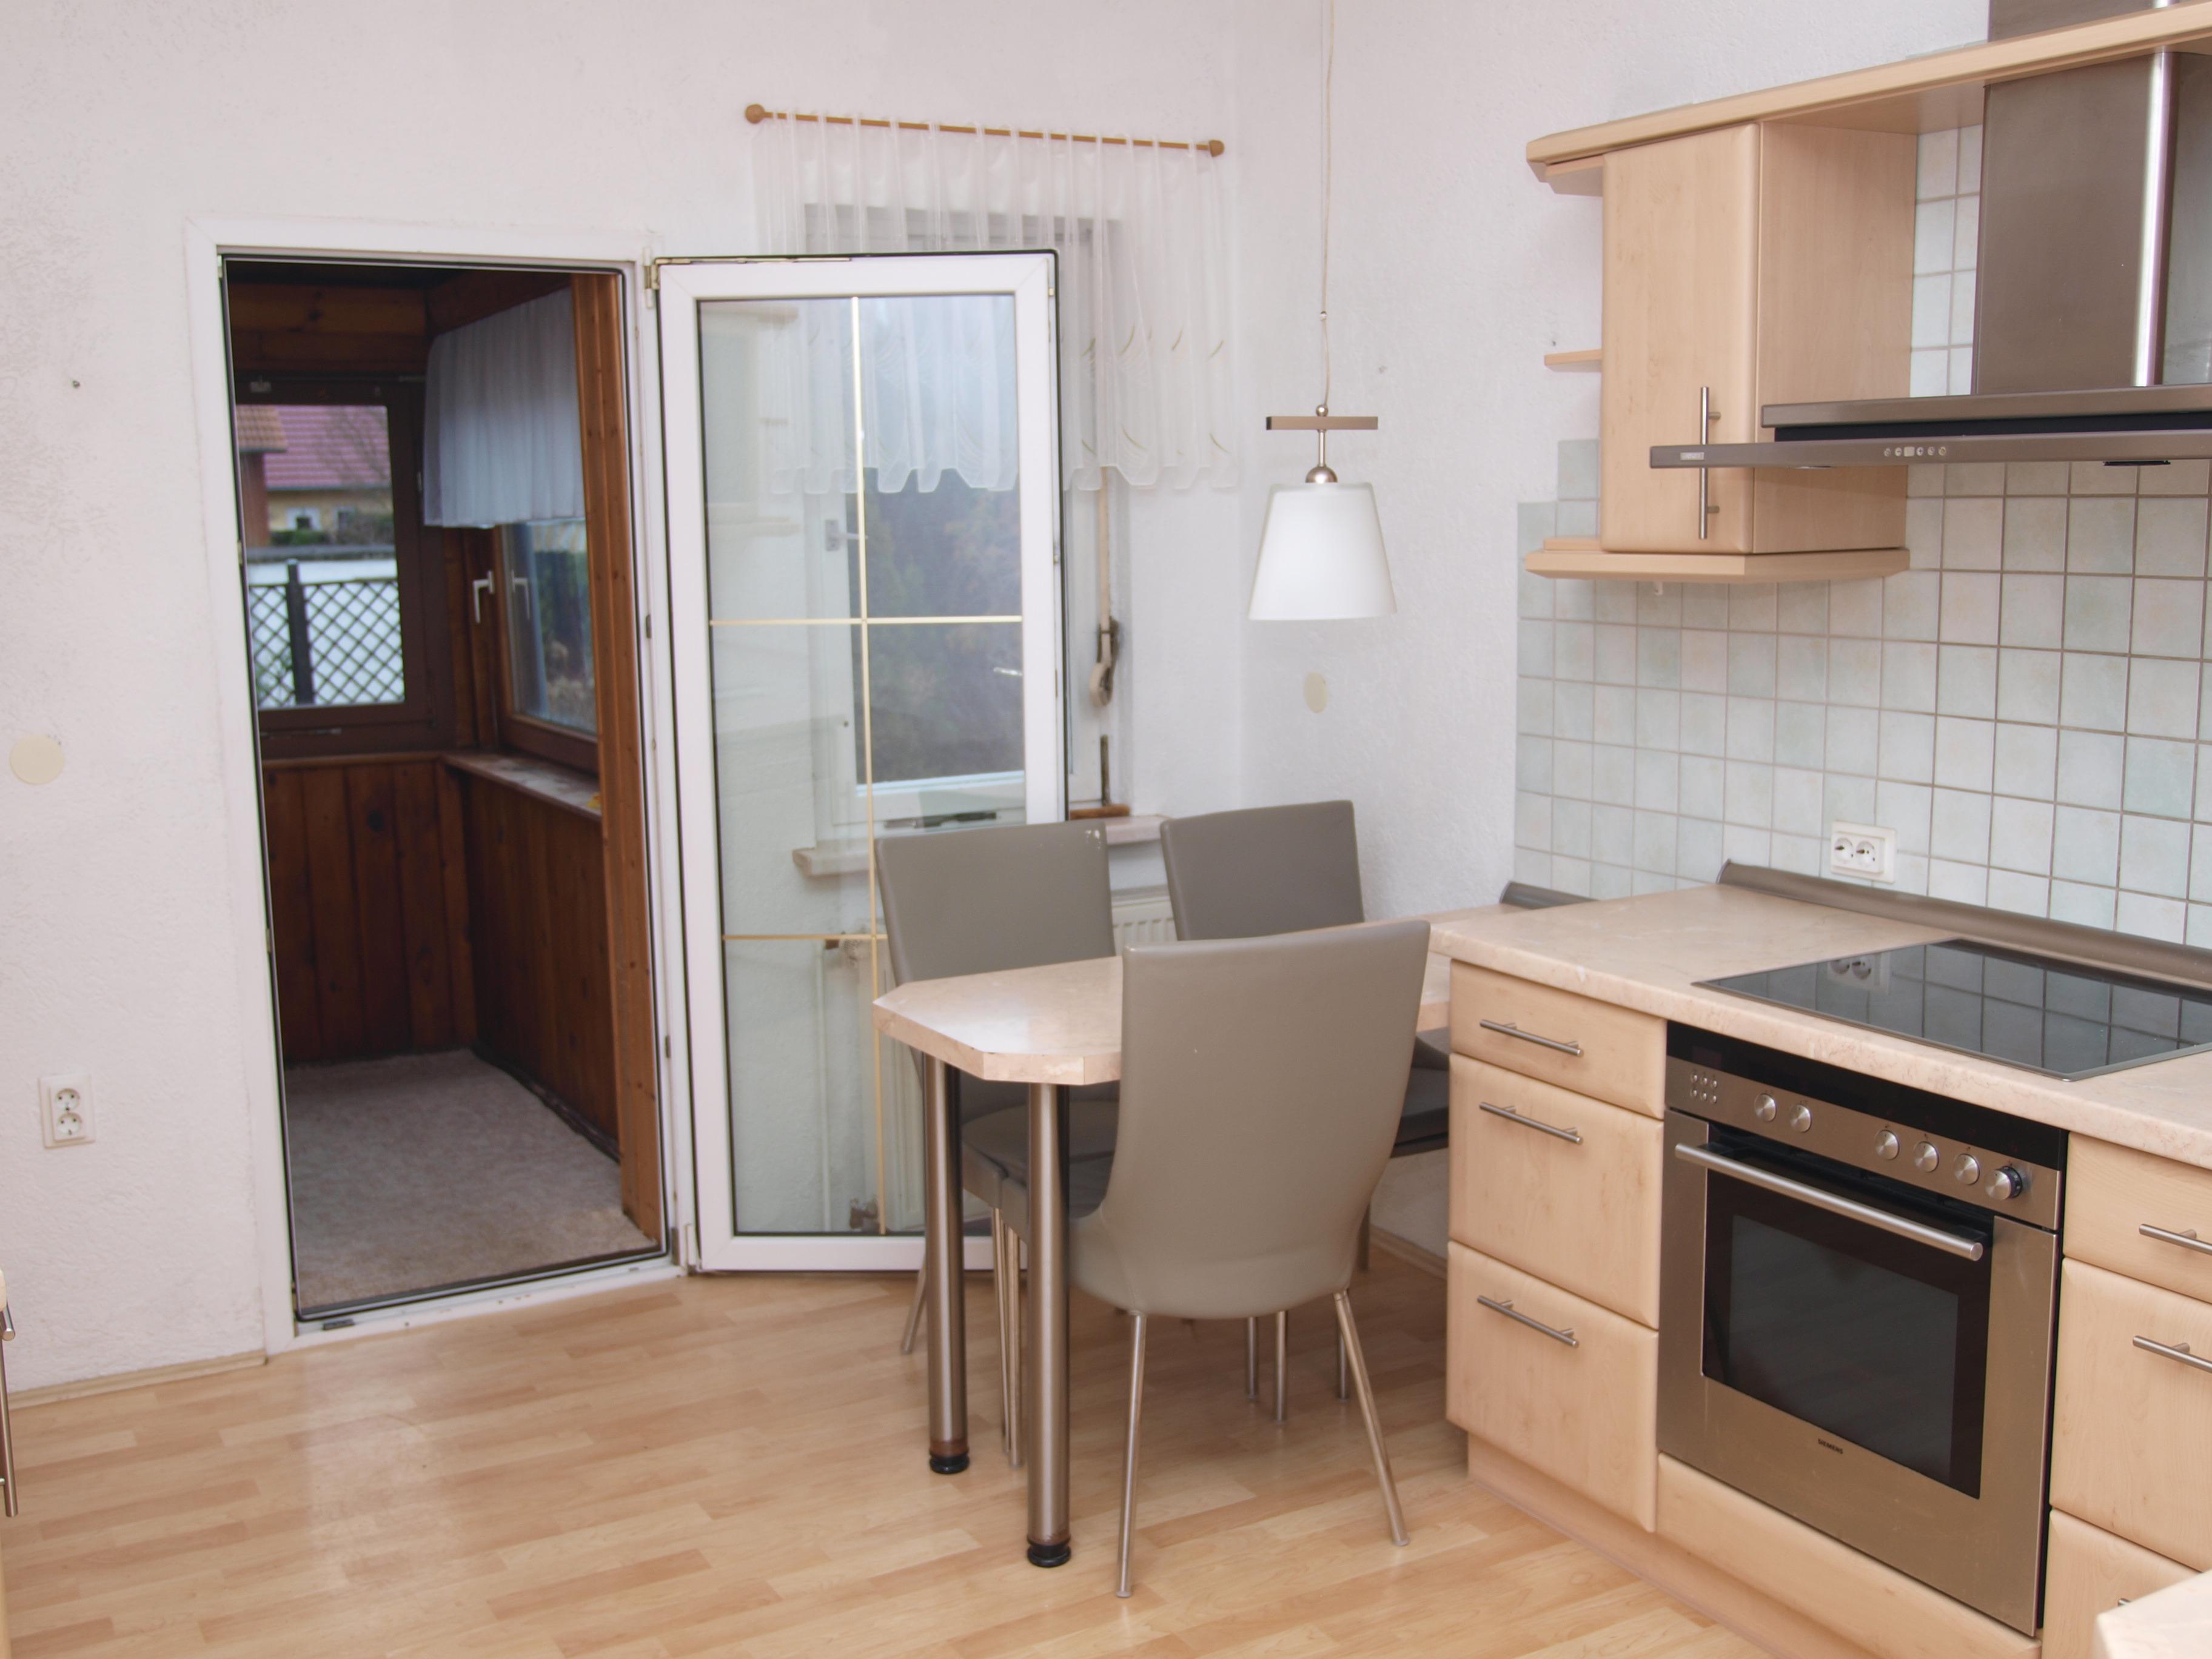 Einfamilienhaus Wörmlitz - gemütliche Küche mit Zugang zu dem kleinen Wintergarten